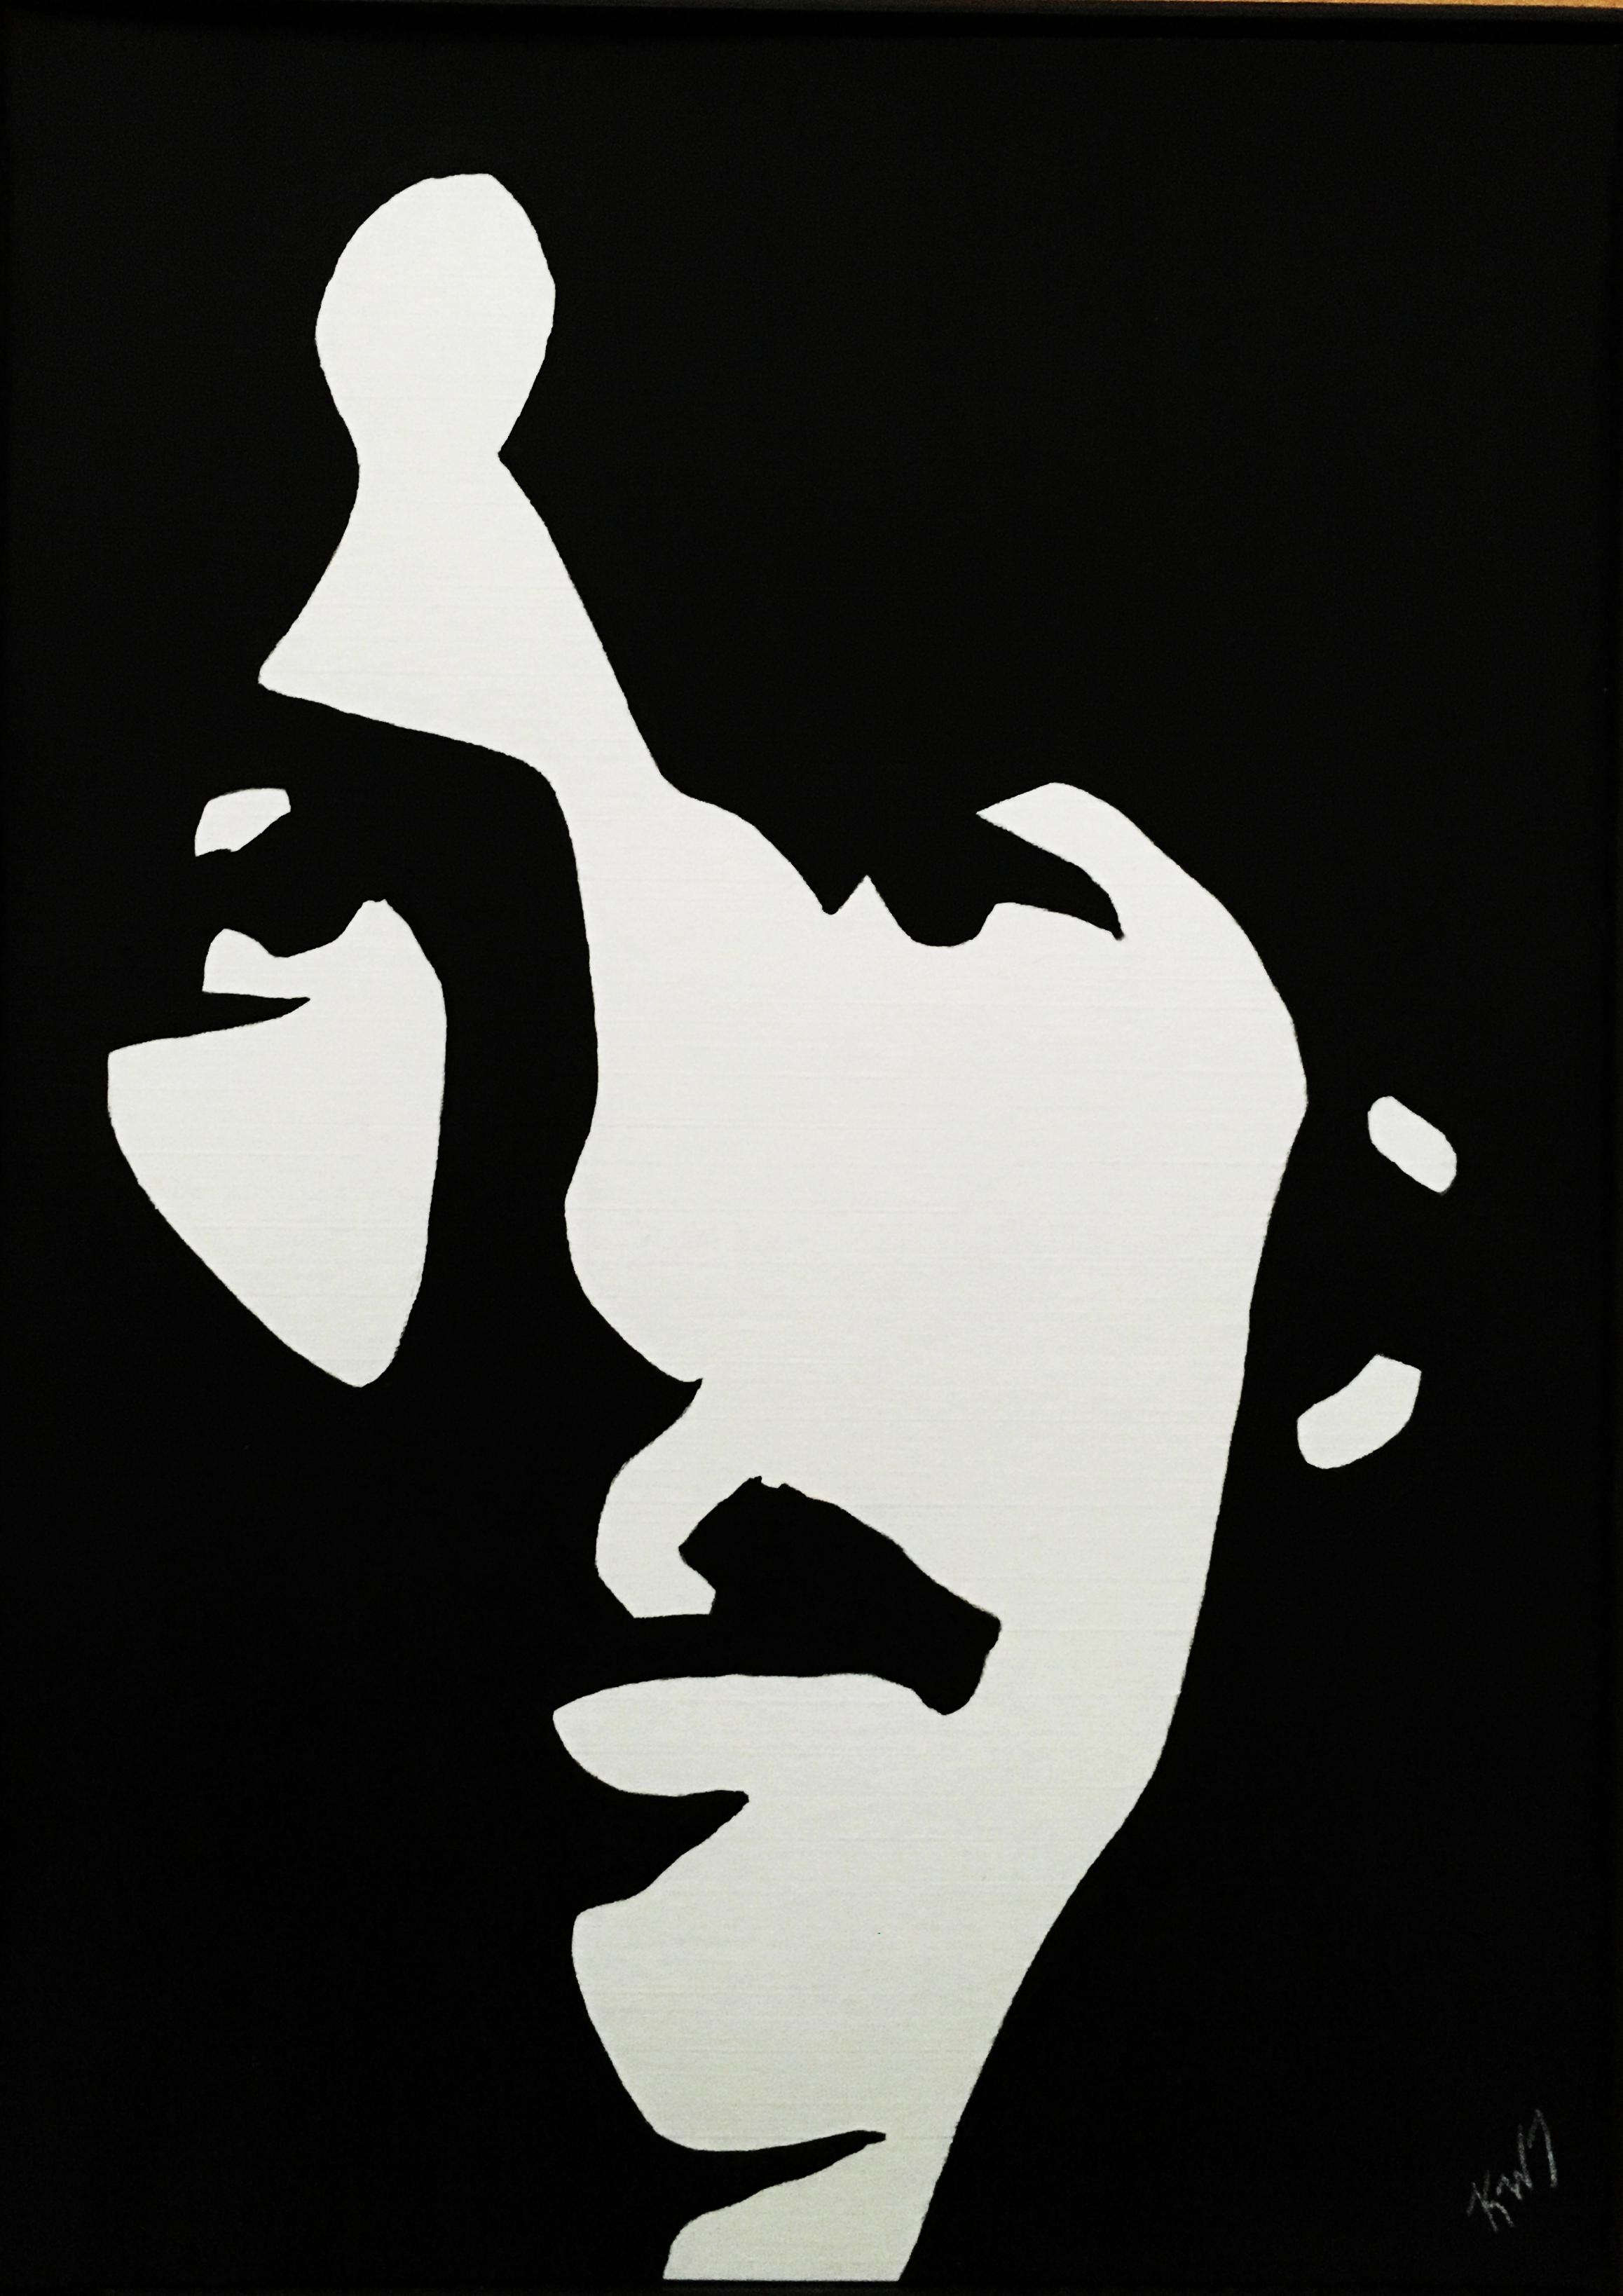 Beatles George